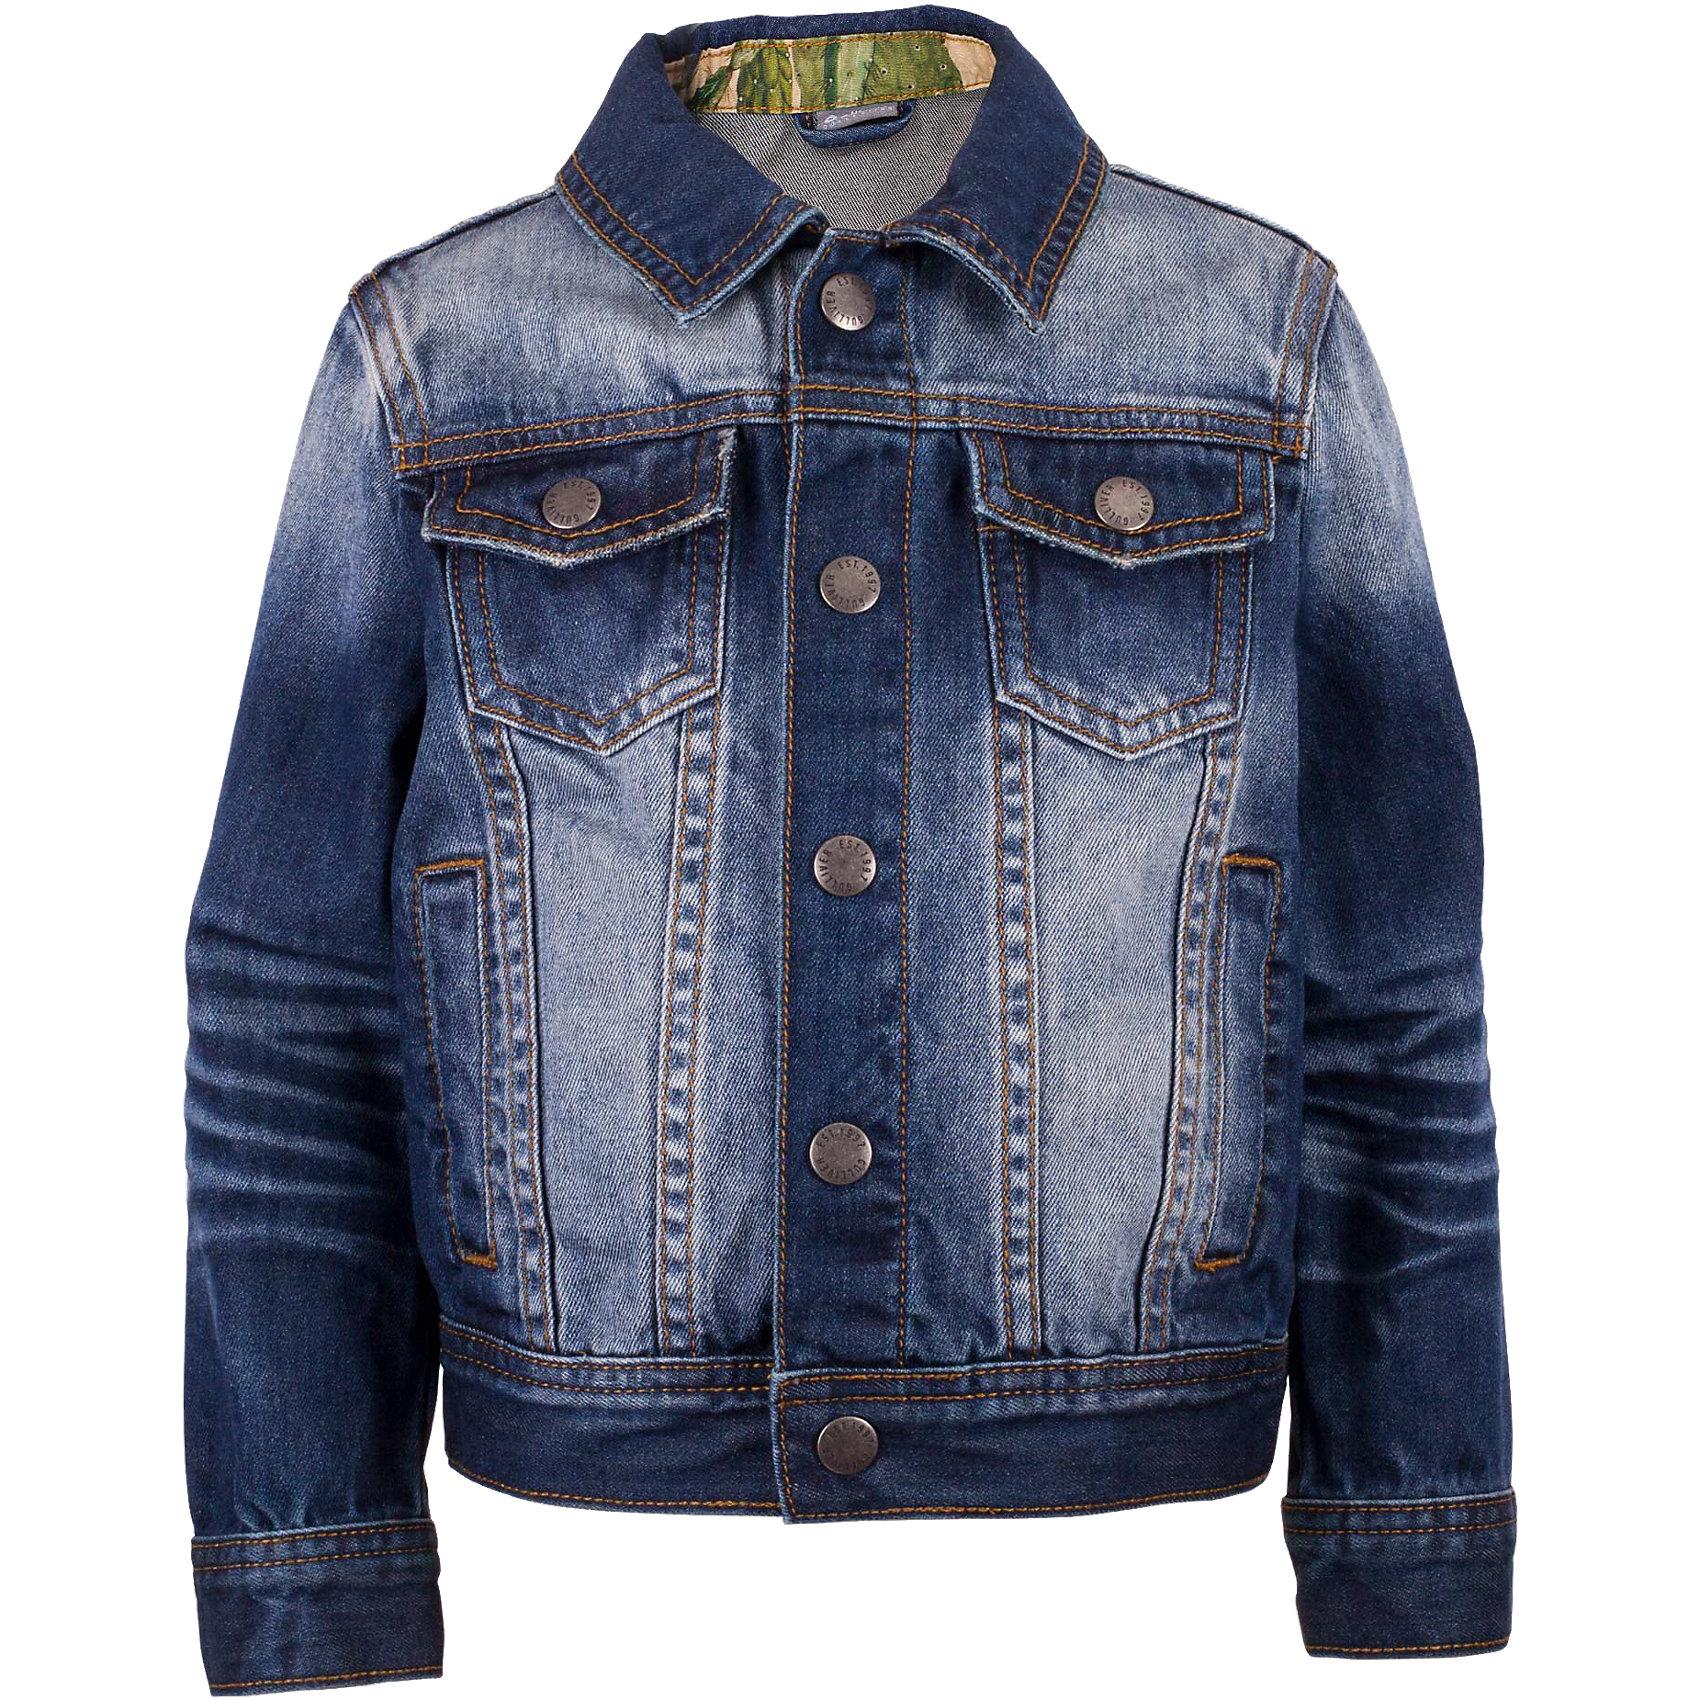 Жакет джинсовый для мальчика GulliverДжинсовая одежда<br>Модная джинсовая куртка для мальчика - изделие на все случаи жизни! Она прекрасно дополнит любой образ в стиле casual, а также станет любимым атрибутом спортивного стиля! Синяя куртка с модными потертостями, варкой и заплатками выполнена из хлопковой джинсовой ткани, что делает ее очень удобной и практичной в носке. Джинсовая детская куртка - отличный вариант на каждый день. Она создаст комфорт и придаст любому комплекту завершенность.<br>Состав:<br>100% хлопок<br><br>Ширина мм: 356<br>Глубина мм: 10<br>Высота мм: 245<br>Вес г: 519<br>Цвет: синий<br>Возраст от месяцев: 60<br>Возраст до месяцев: 72<br>Пол: Мужской<br>Возраст: Детский<br>Размер: 116,98,110,104<br>SKU: 5483811